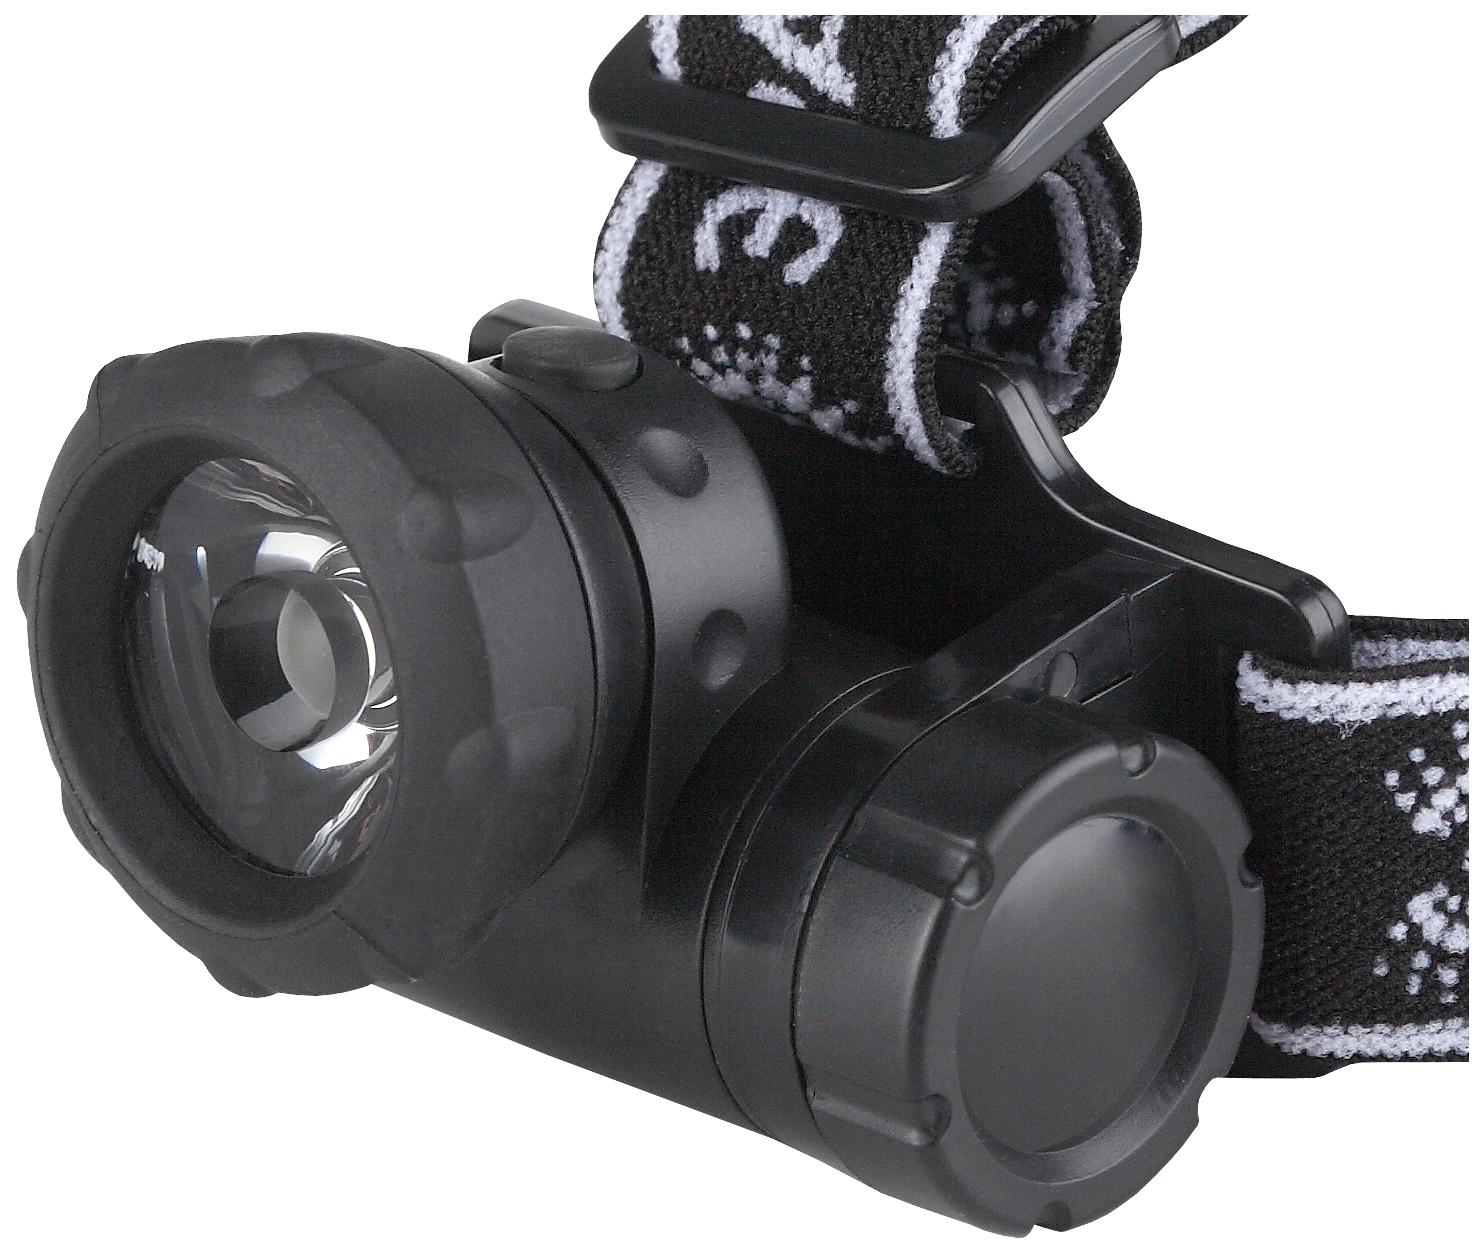 Туристический фонарь Эра G1W черный, 3 режима